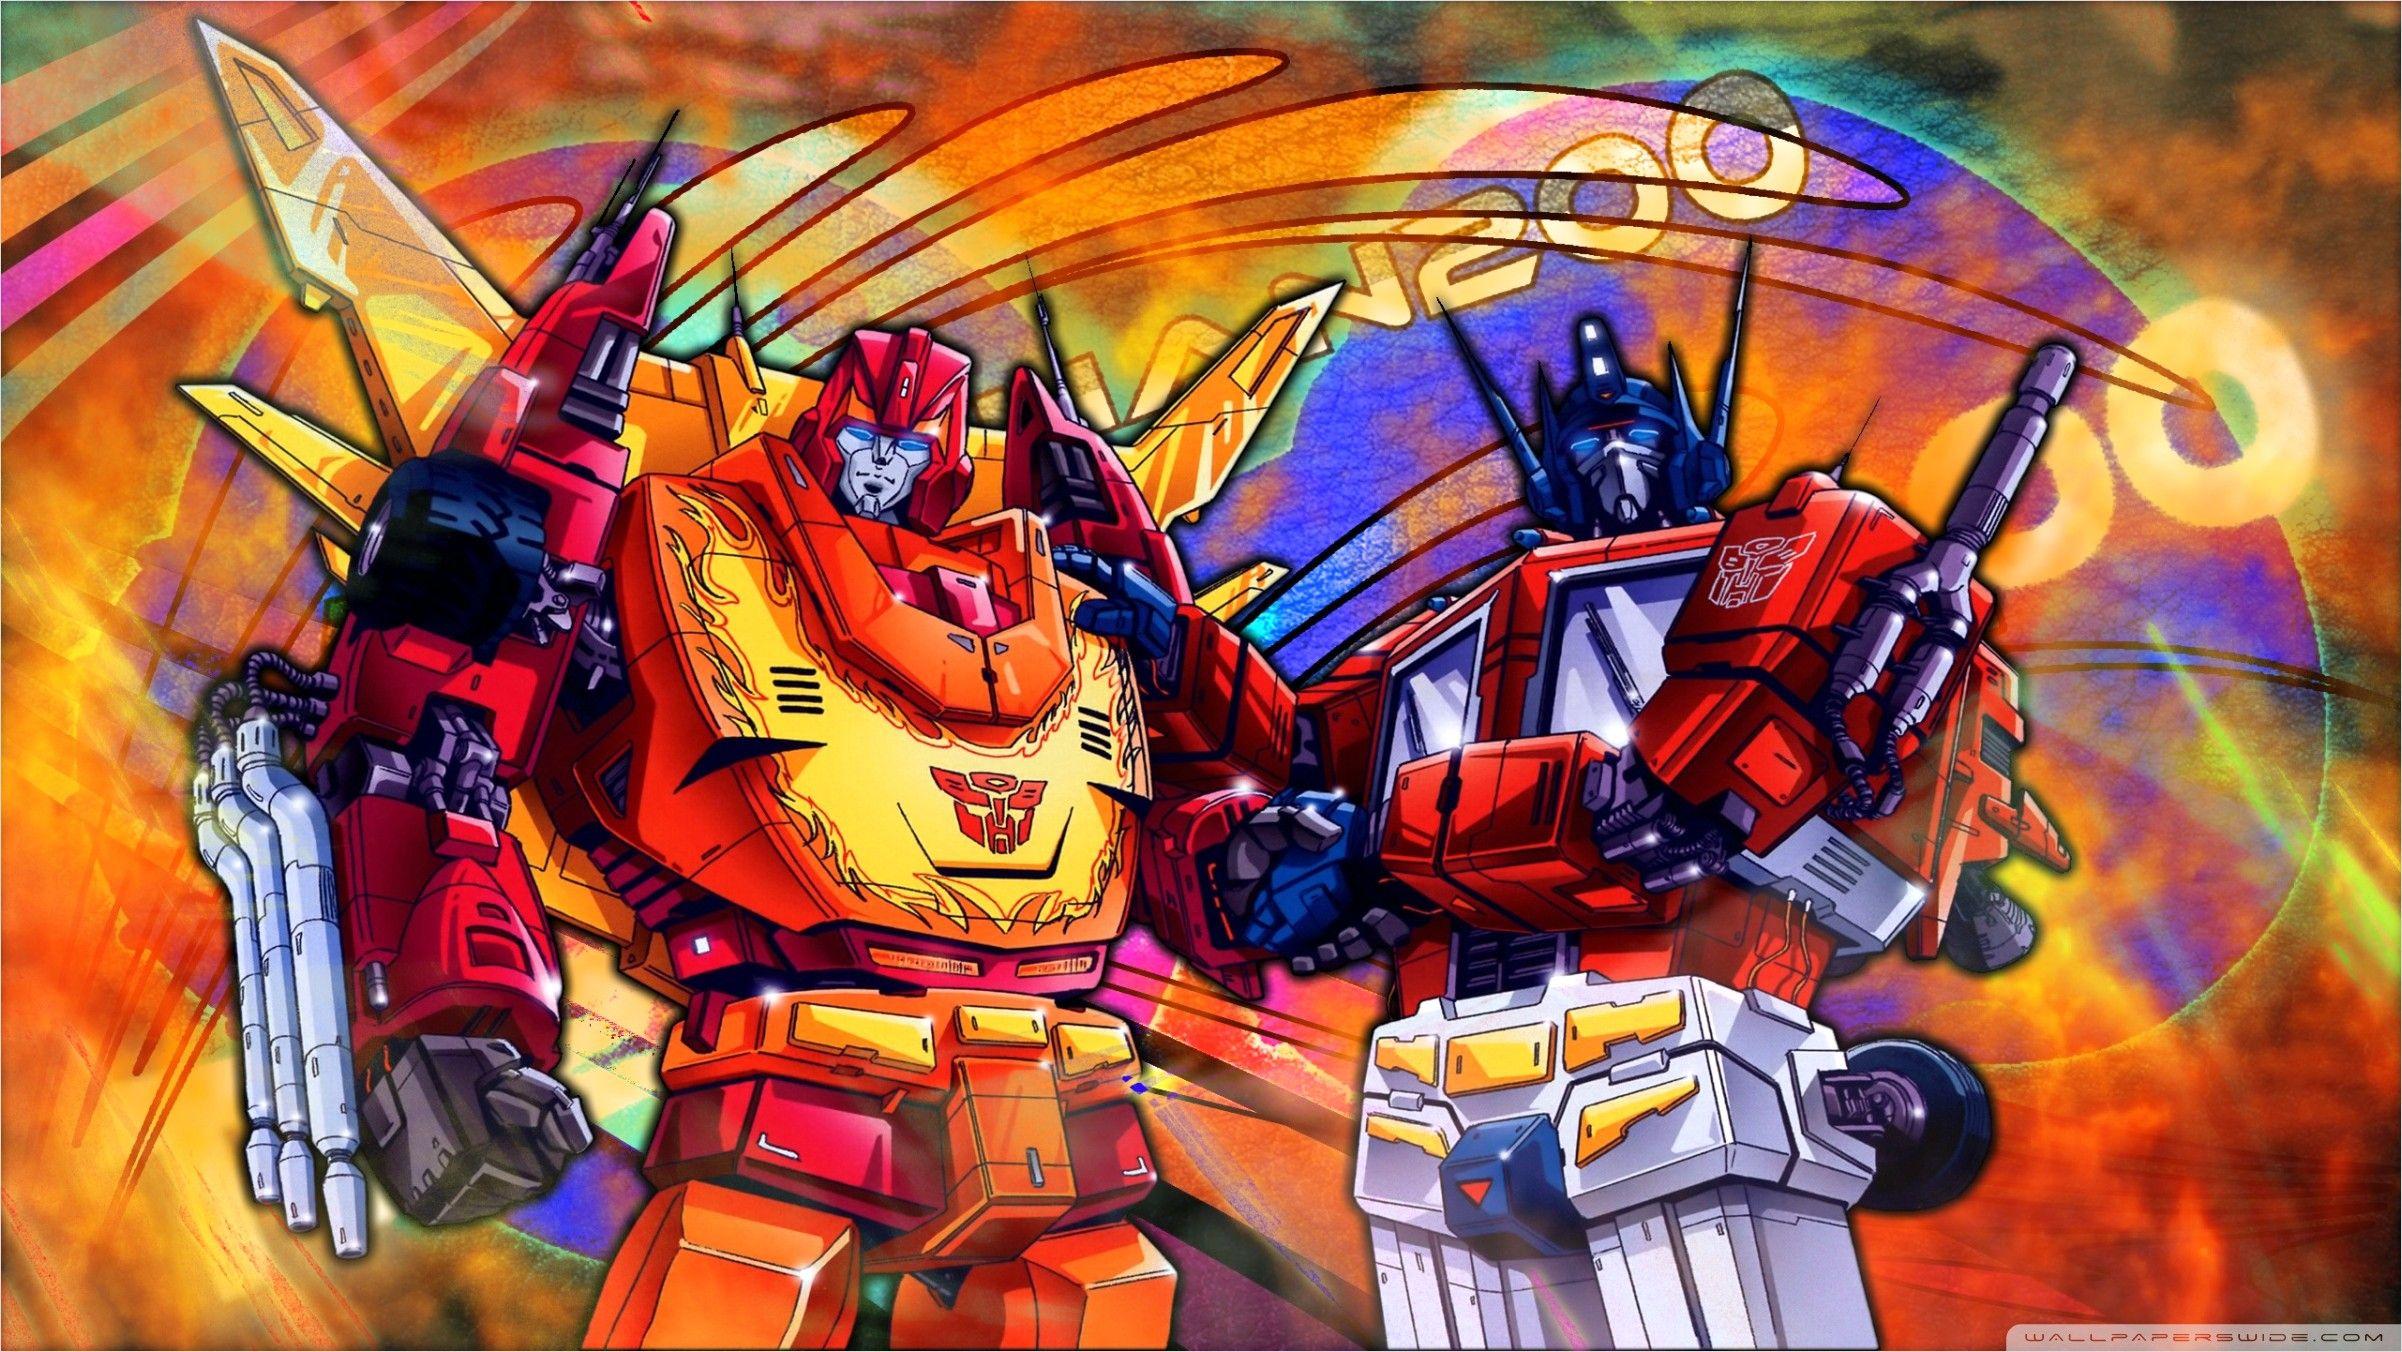 4k Wallpaper Transformers G1 Ultrawide In 2020 Wallpaper Transformers G1 Transformers